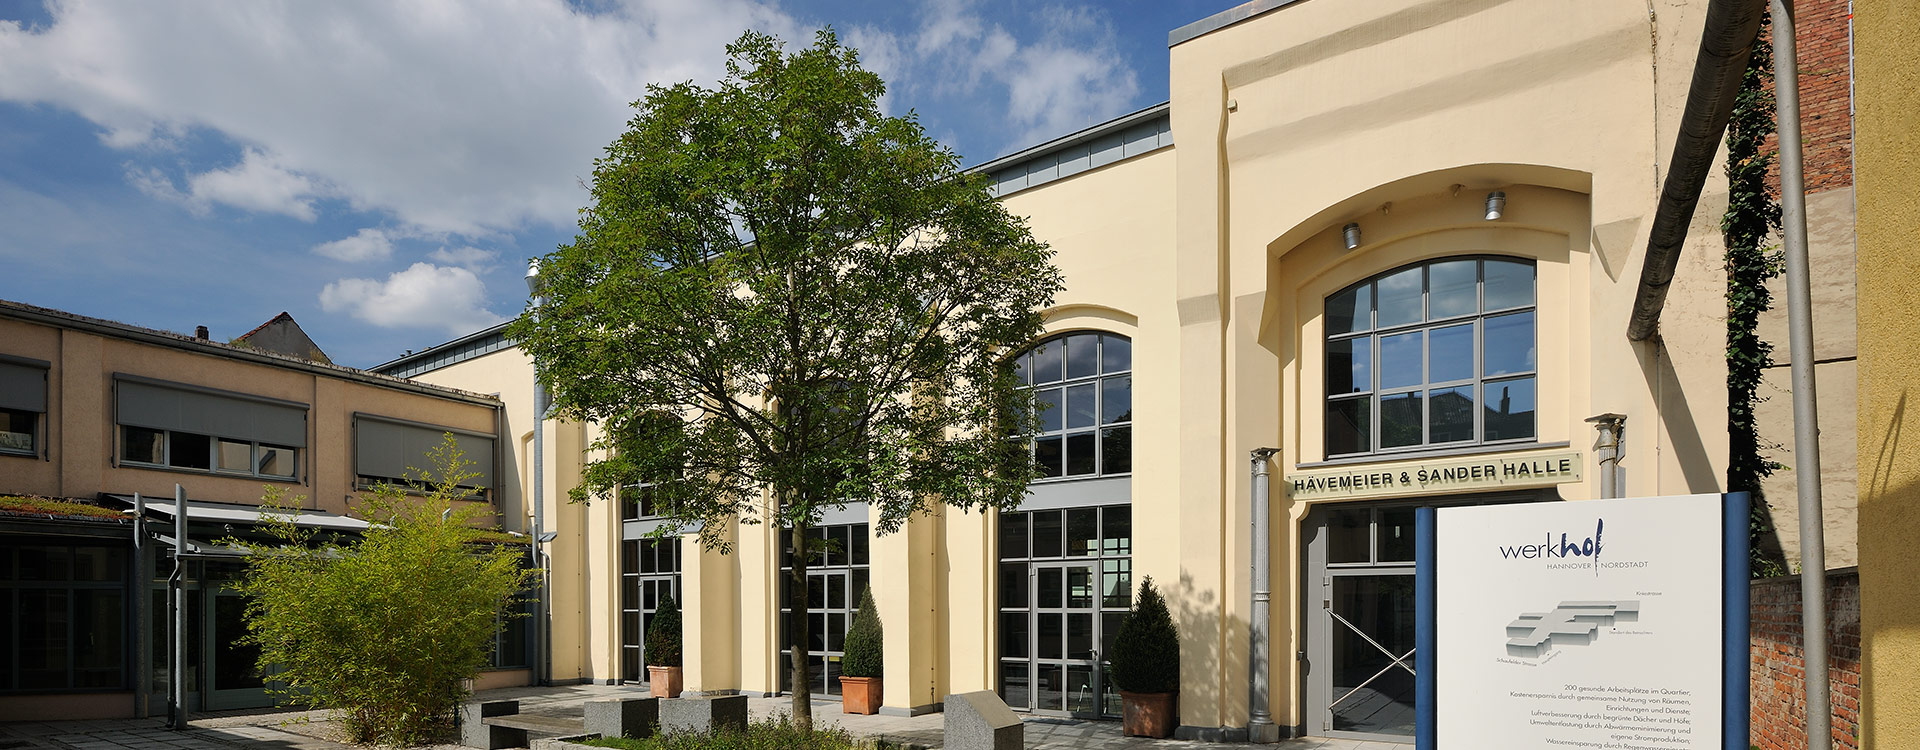 Werkhof - Hannover Nord -1708_Haevemeier_und_Sander_Hall